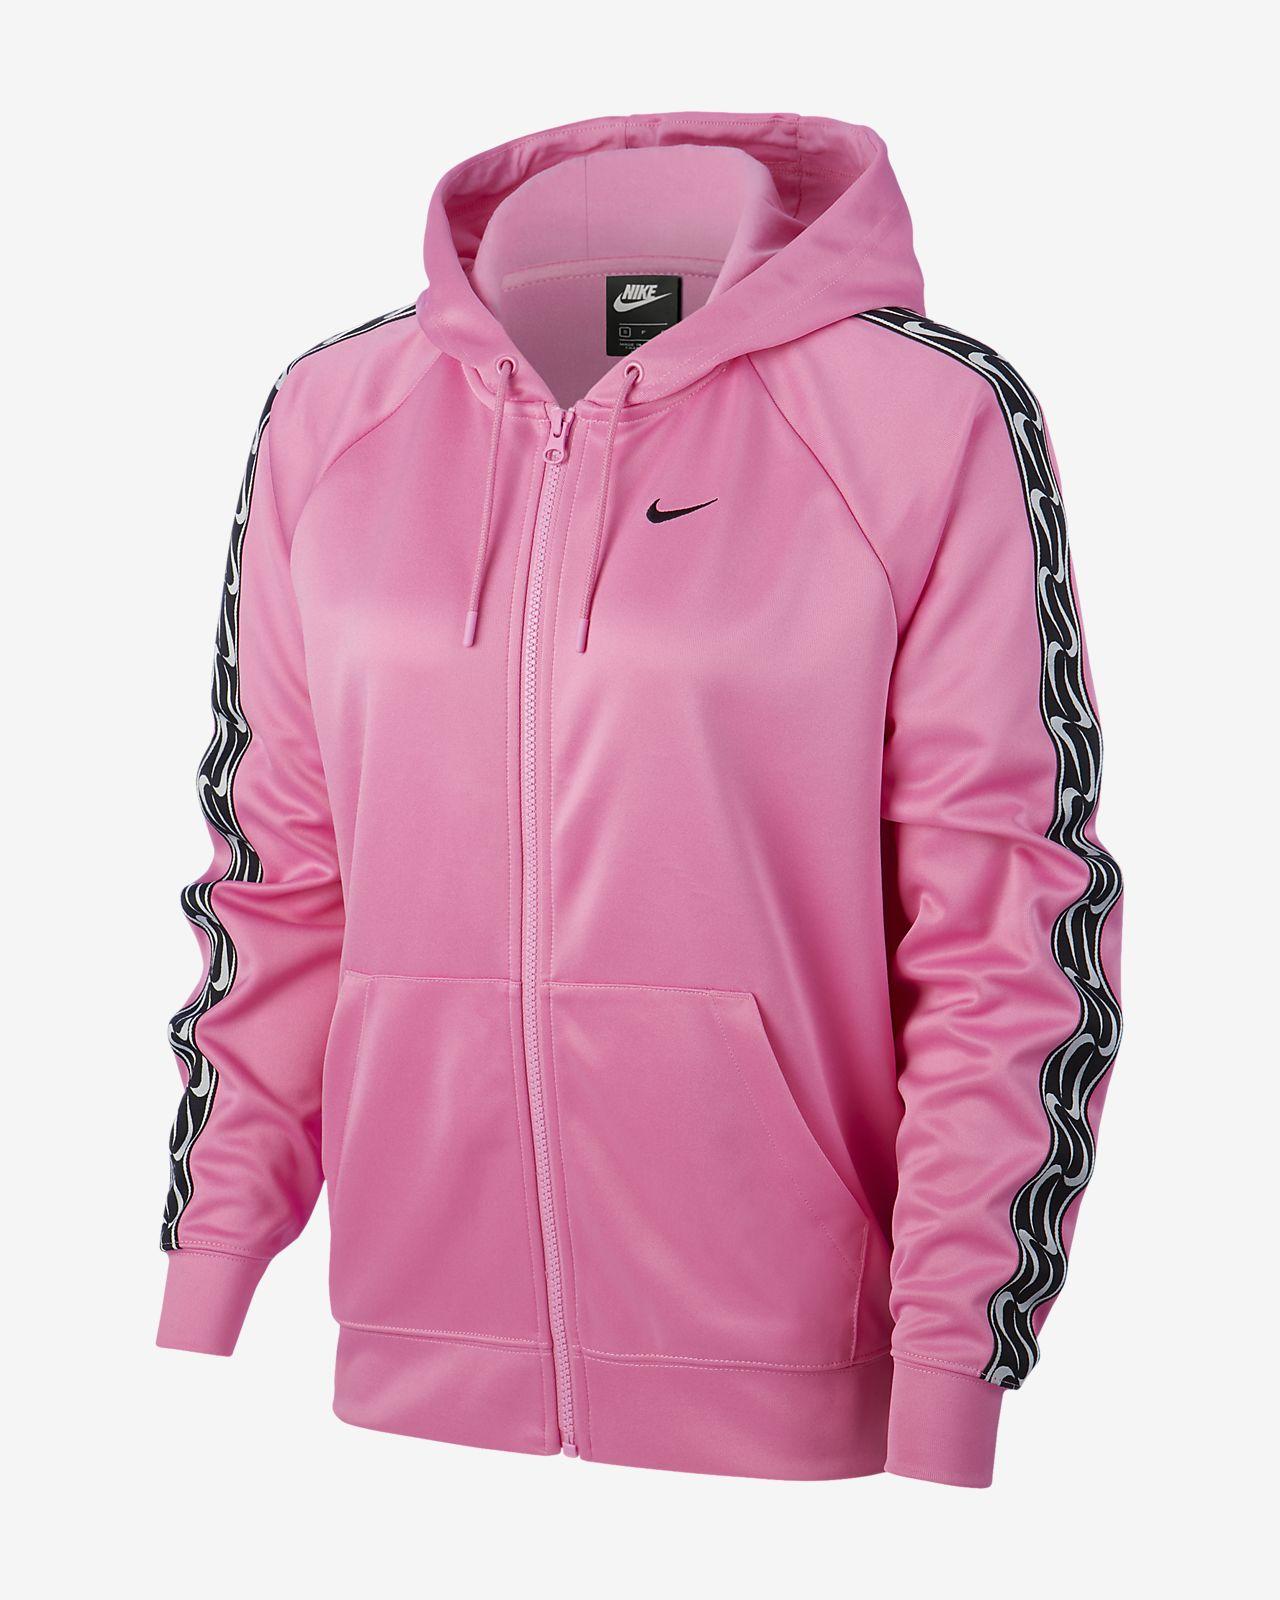 Nike Sportswear Damen Hoodie mit Logo und durchgehendem Reißverschluss